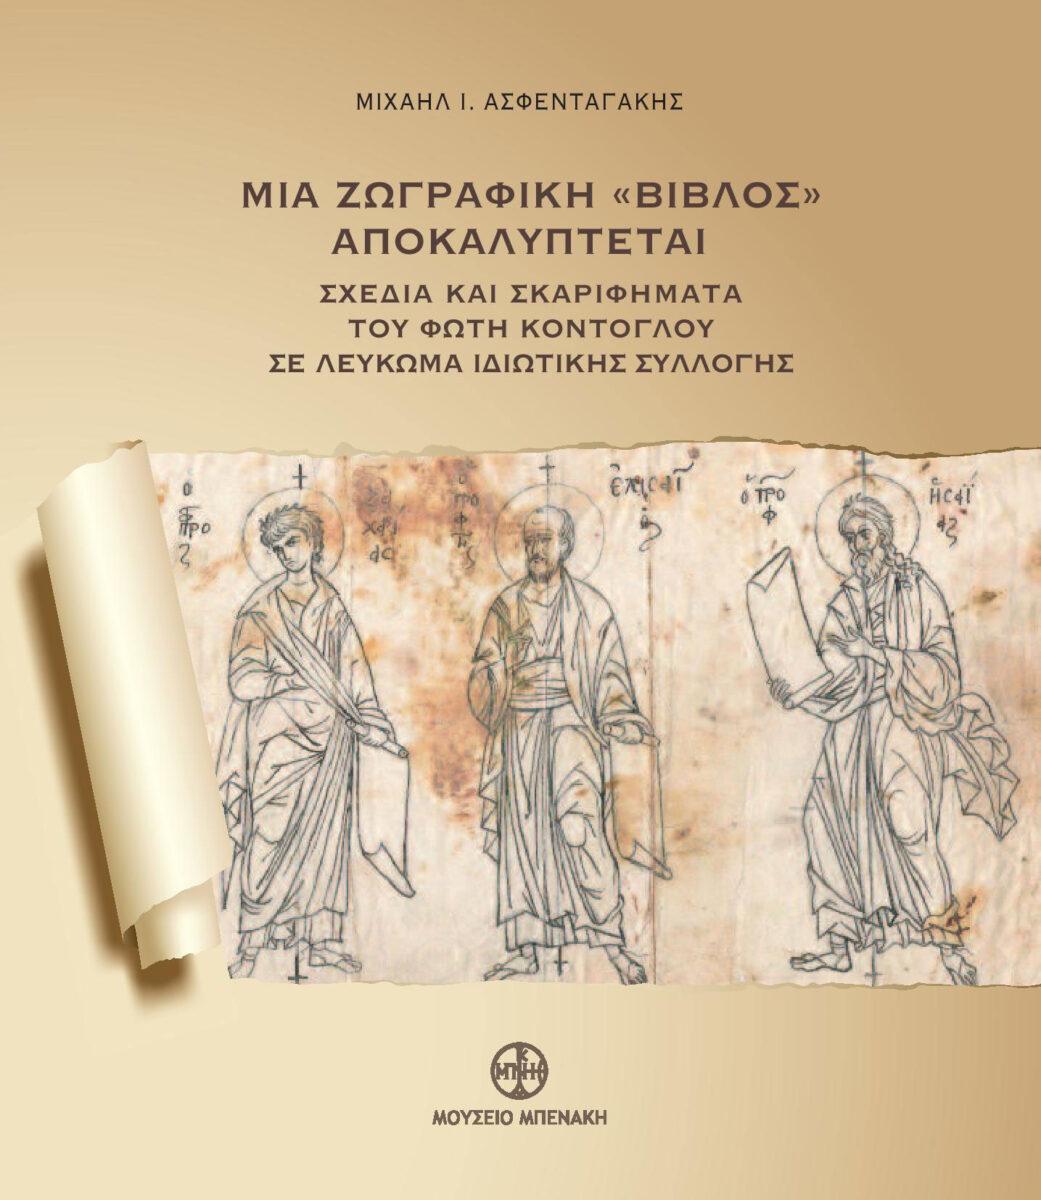 Μιχαήλ Ι. Ασφενταγάκης, «Μια ζωγραφική Βίβλος αποκαλύπτεται. Σχέδια και σκαριφήματα του Φώτη Κόντογλου σε λεύκωμα ιδιωτικής συλλογής». Το εξώφυλλο της έκδοσης.